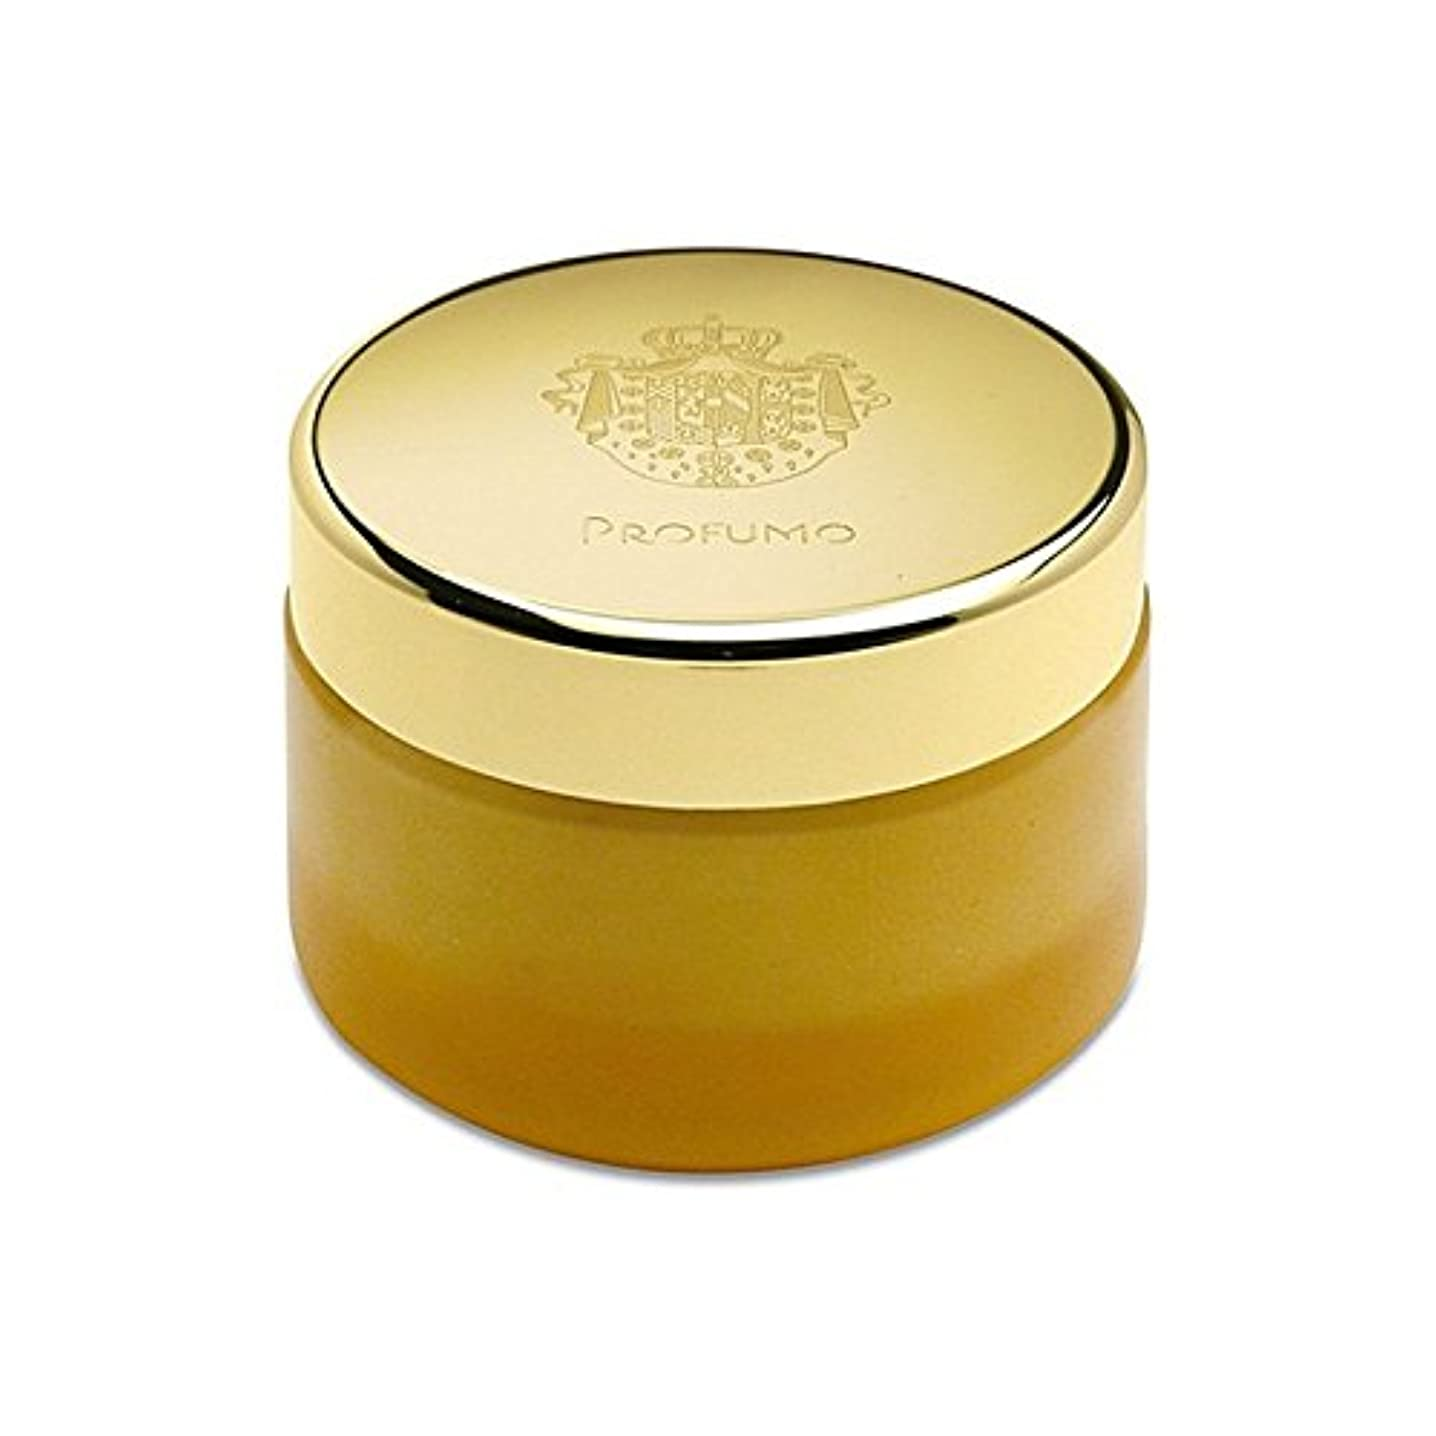 昼間広いワインAcqua Di Parma Profumo Body Cream 200ml (Pack of 6) - アクアディパルマボディクリーム200ミリリットル x6 [並行輸入品]